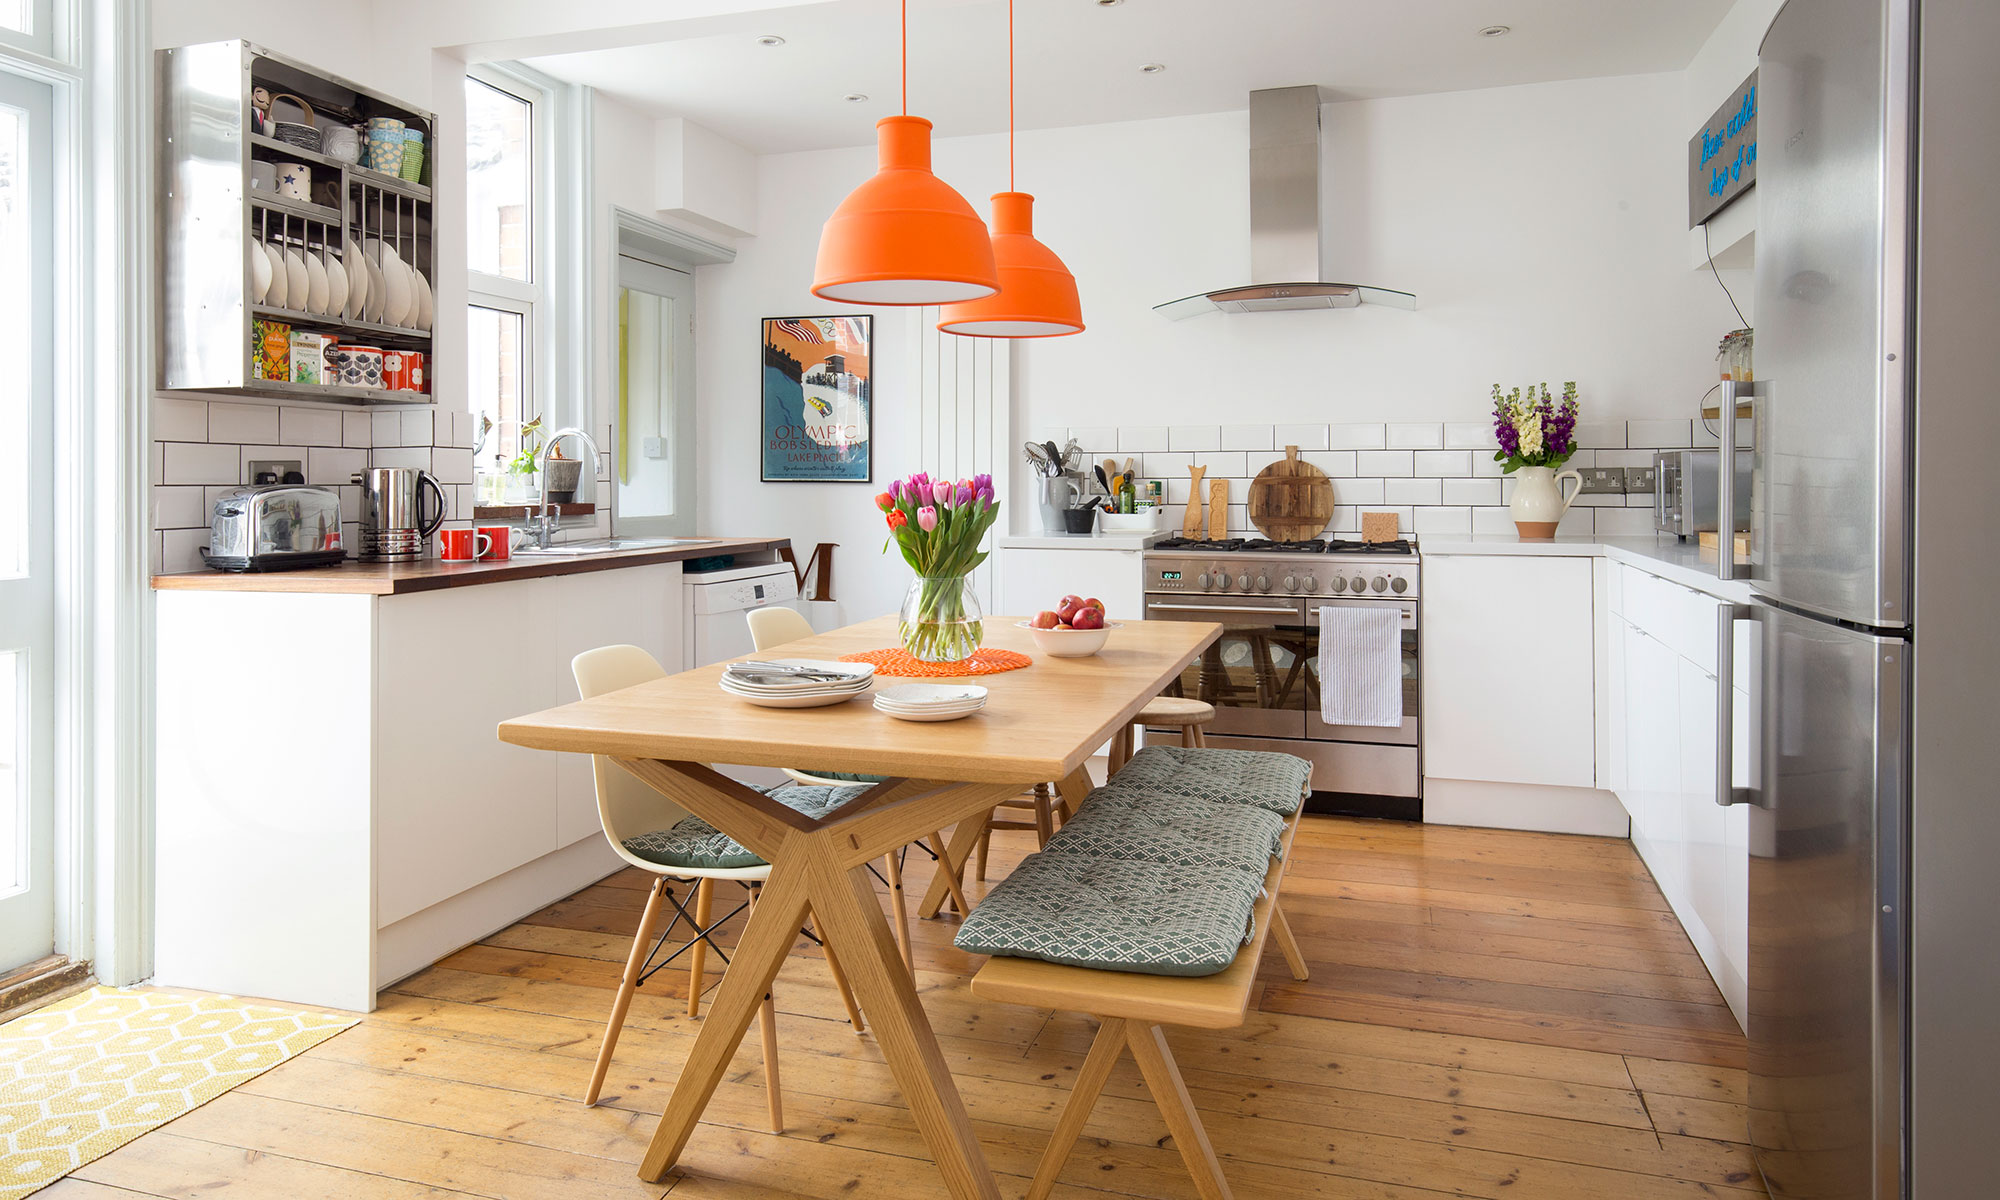 چراغ آویزان رنگی در آشپزخانه سفید رنگ